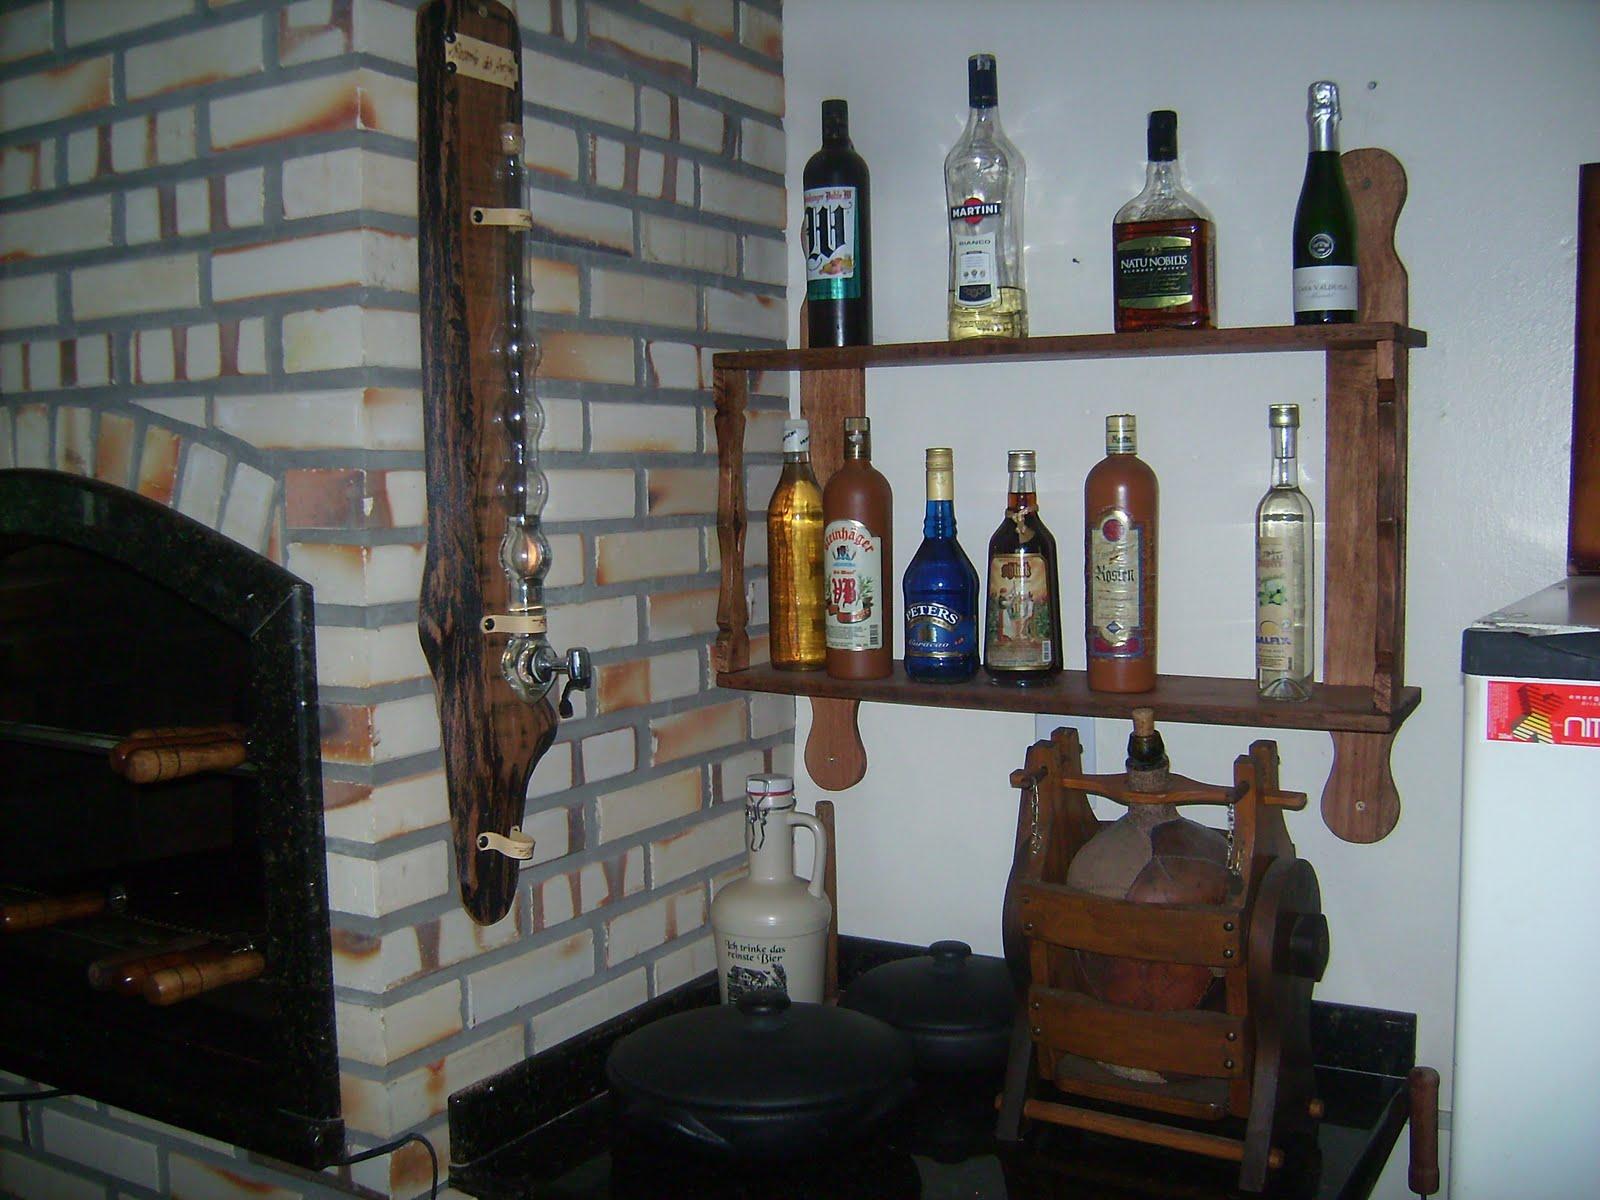 peça de decoração usada para suporte de bebidas peça adquirida  #624637 1600x1200